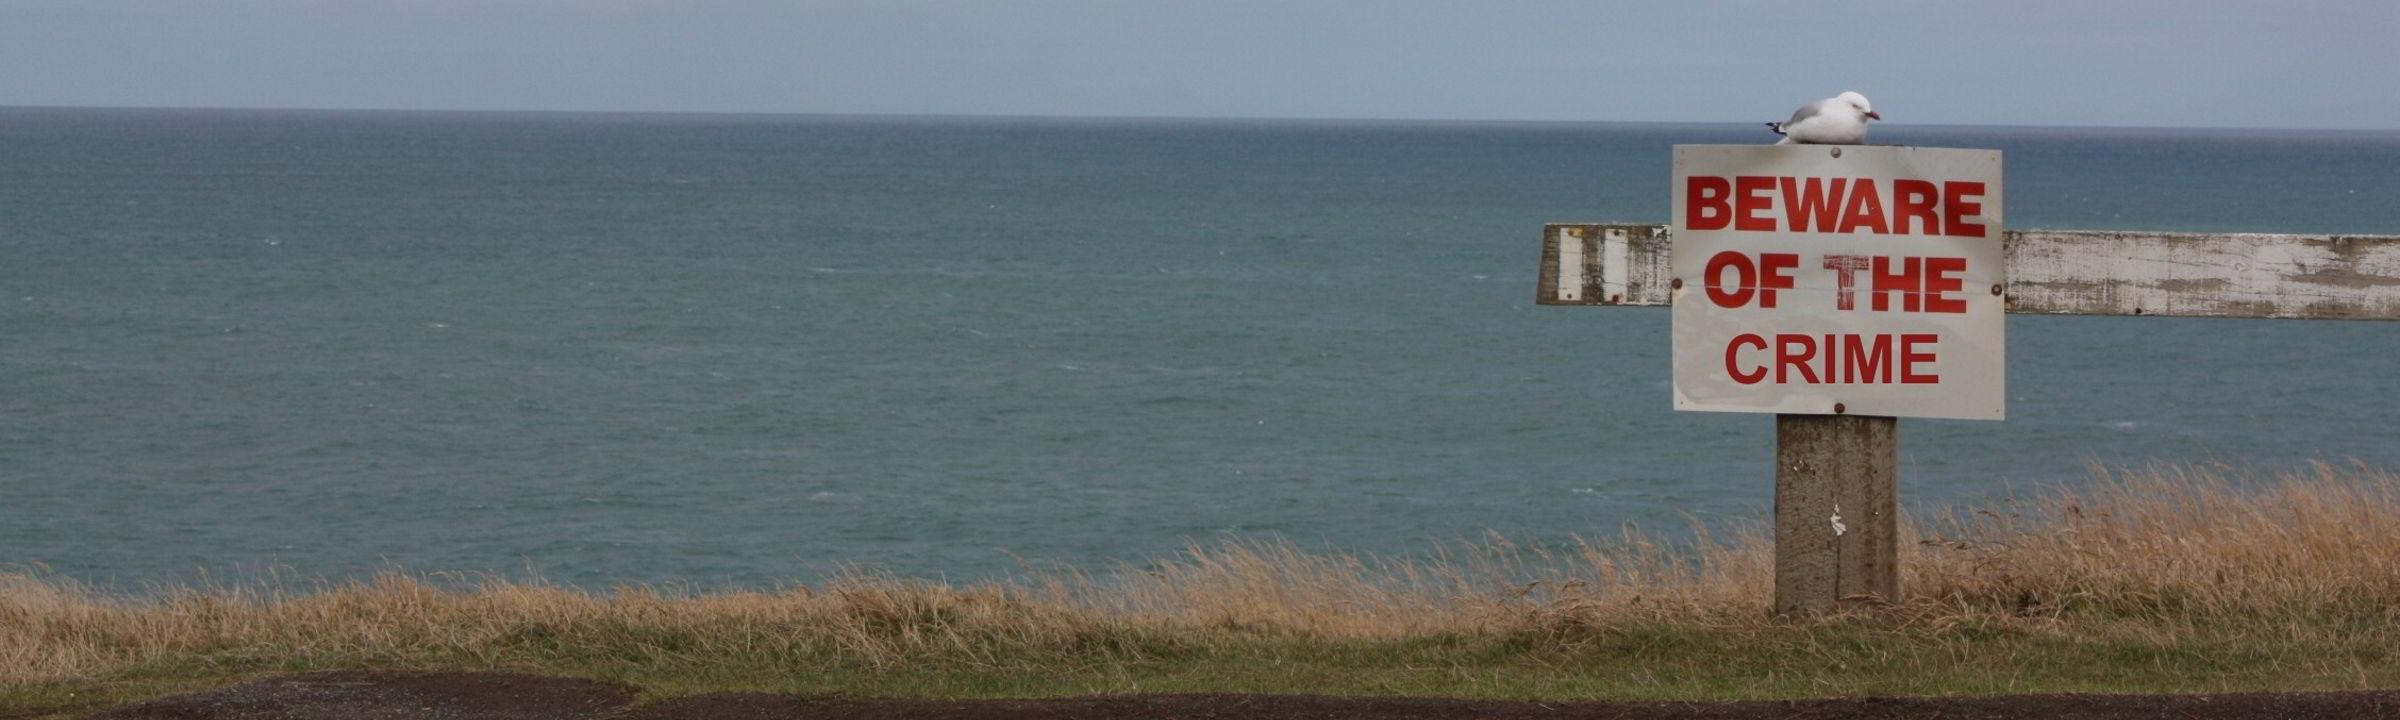 Warnschild vor einem Steilhang mit Möwe auf Neuseeland